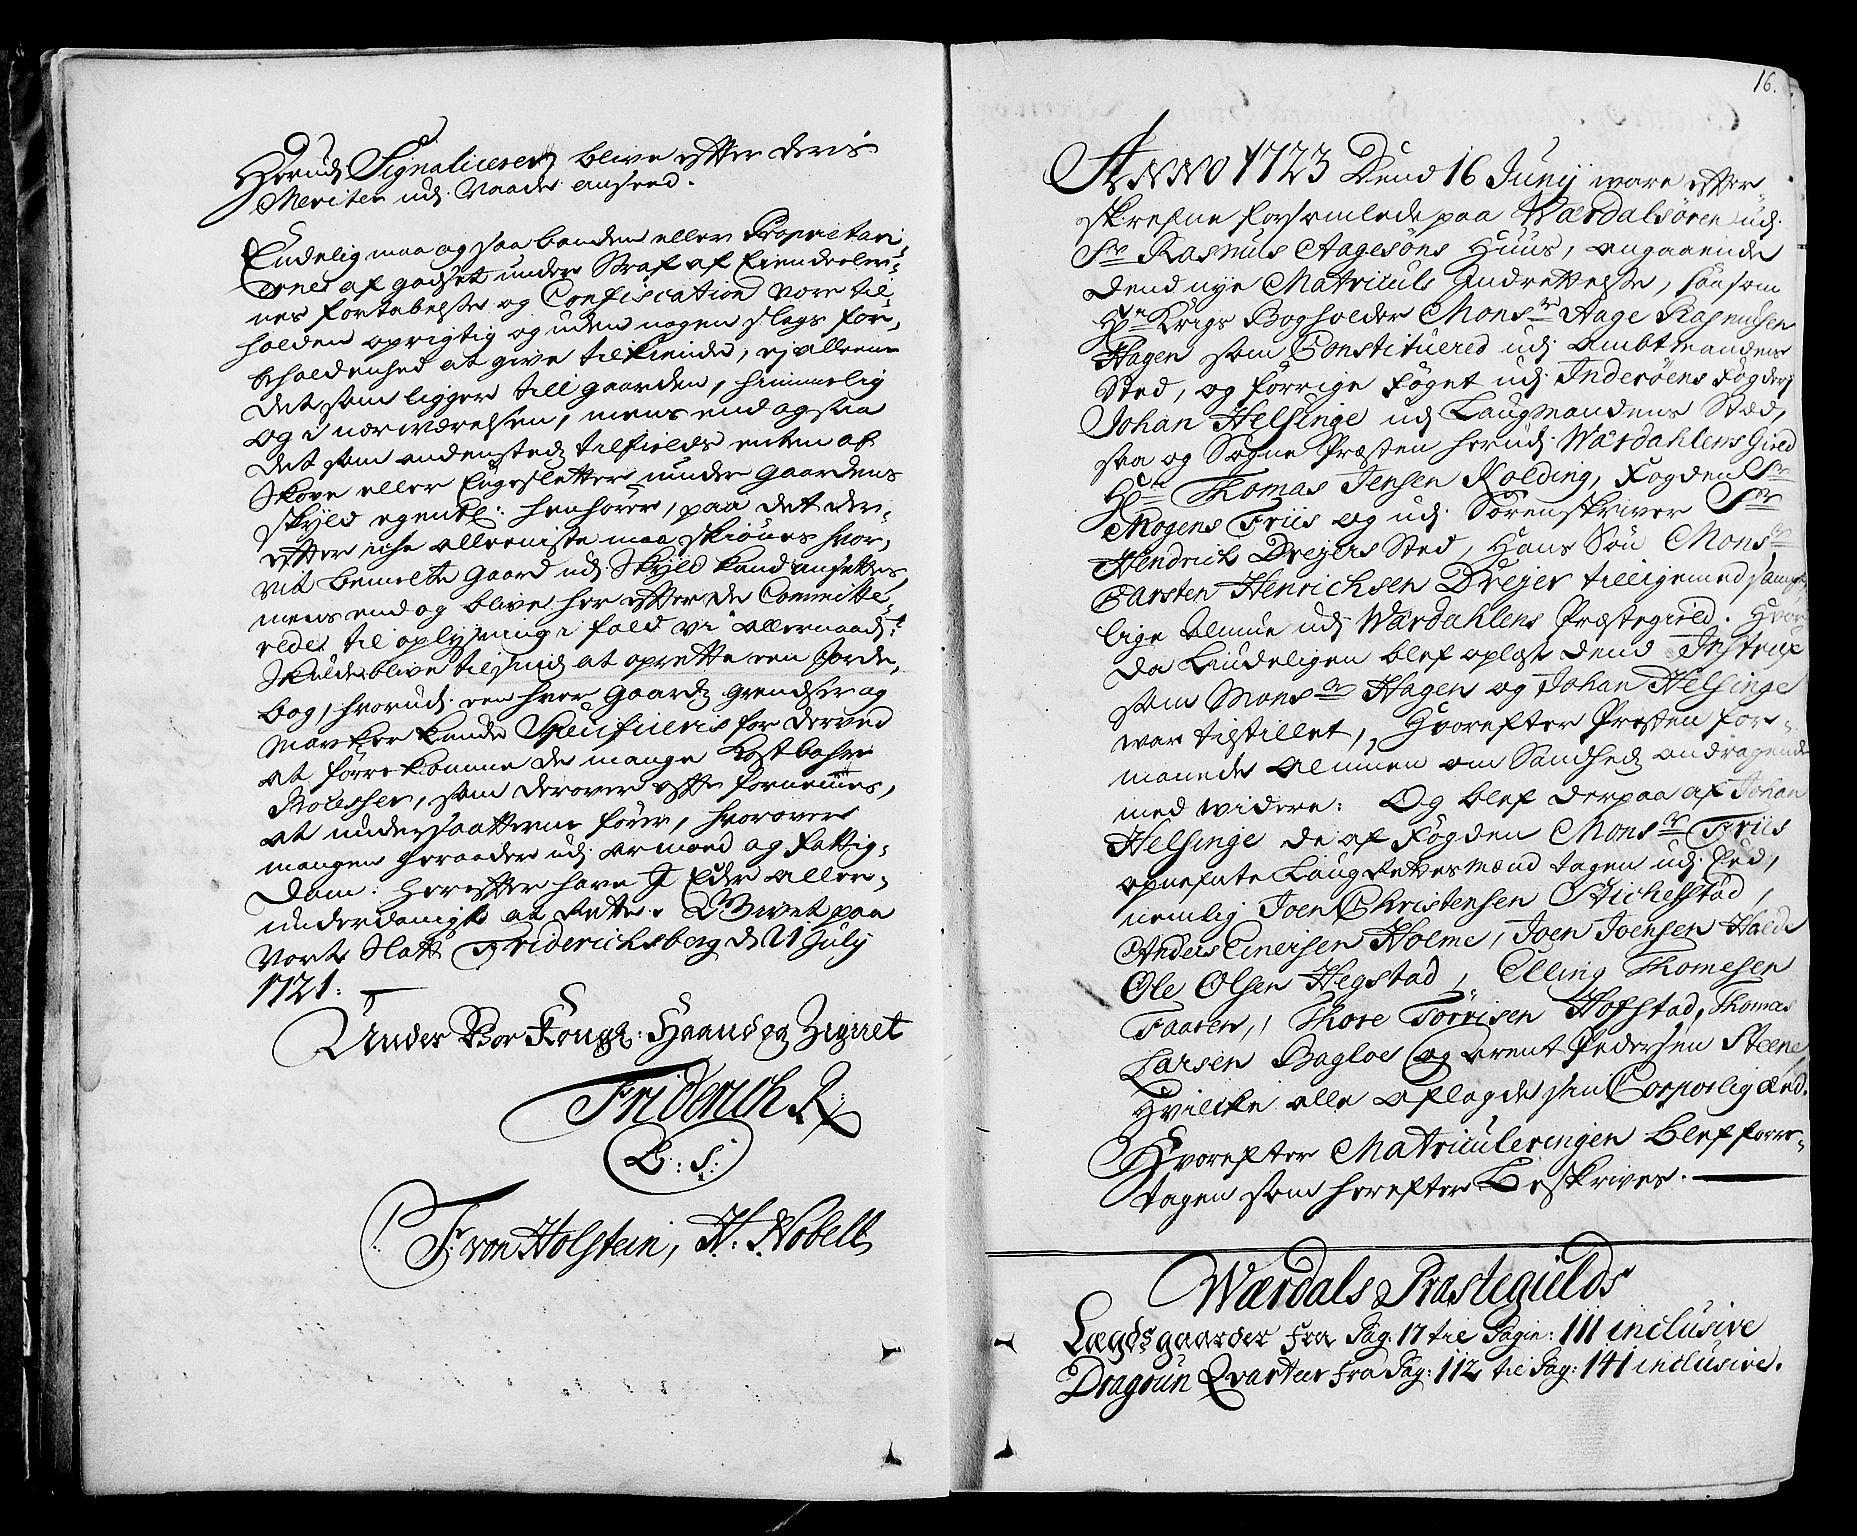 RA, Rentekammeret inntil 1814, Realistisk ordnet avdeling, N/Nb/Nbf/L0164: Stjørdal og Verdal eksaminasjonsprotokoll, 1723, s. 15b-16a